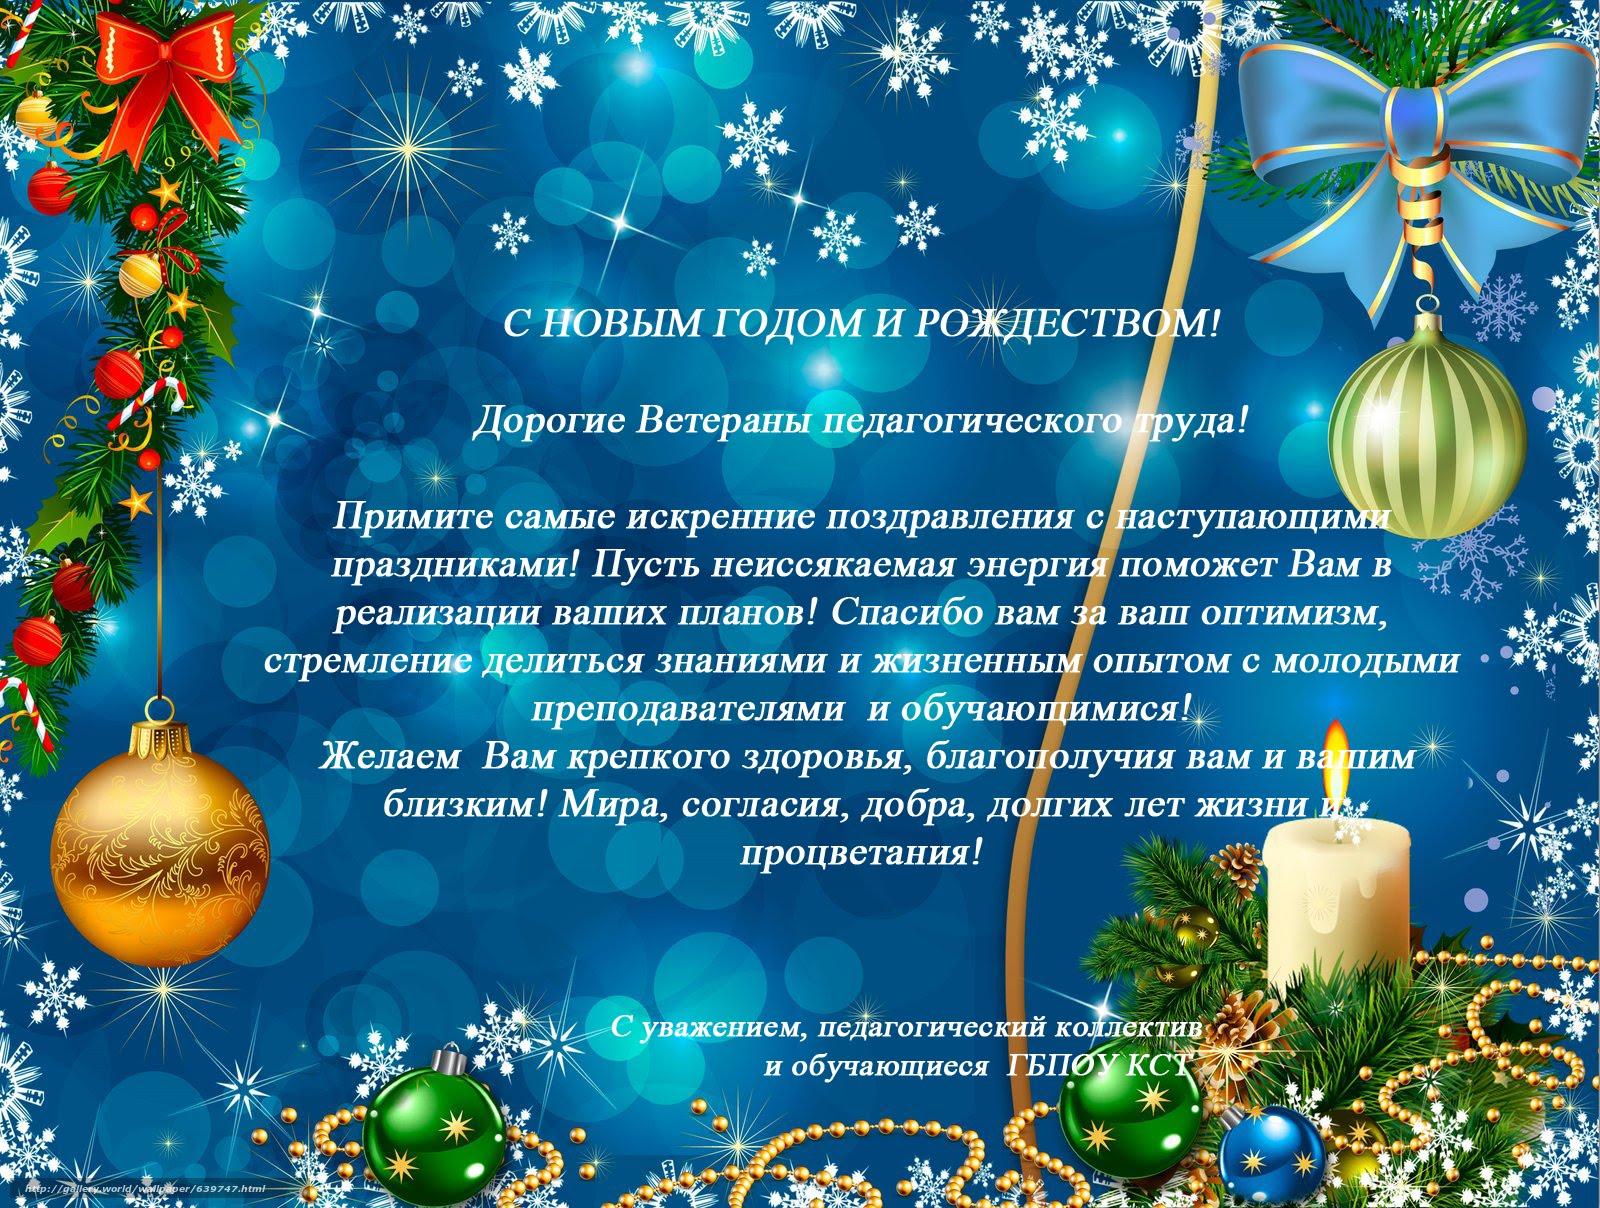 поздравление ветеранов педагогического труда с наступающим новым годом!